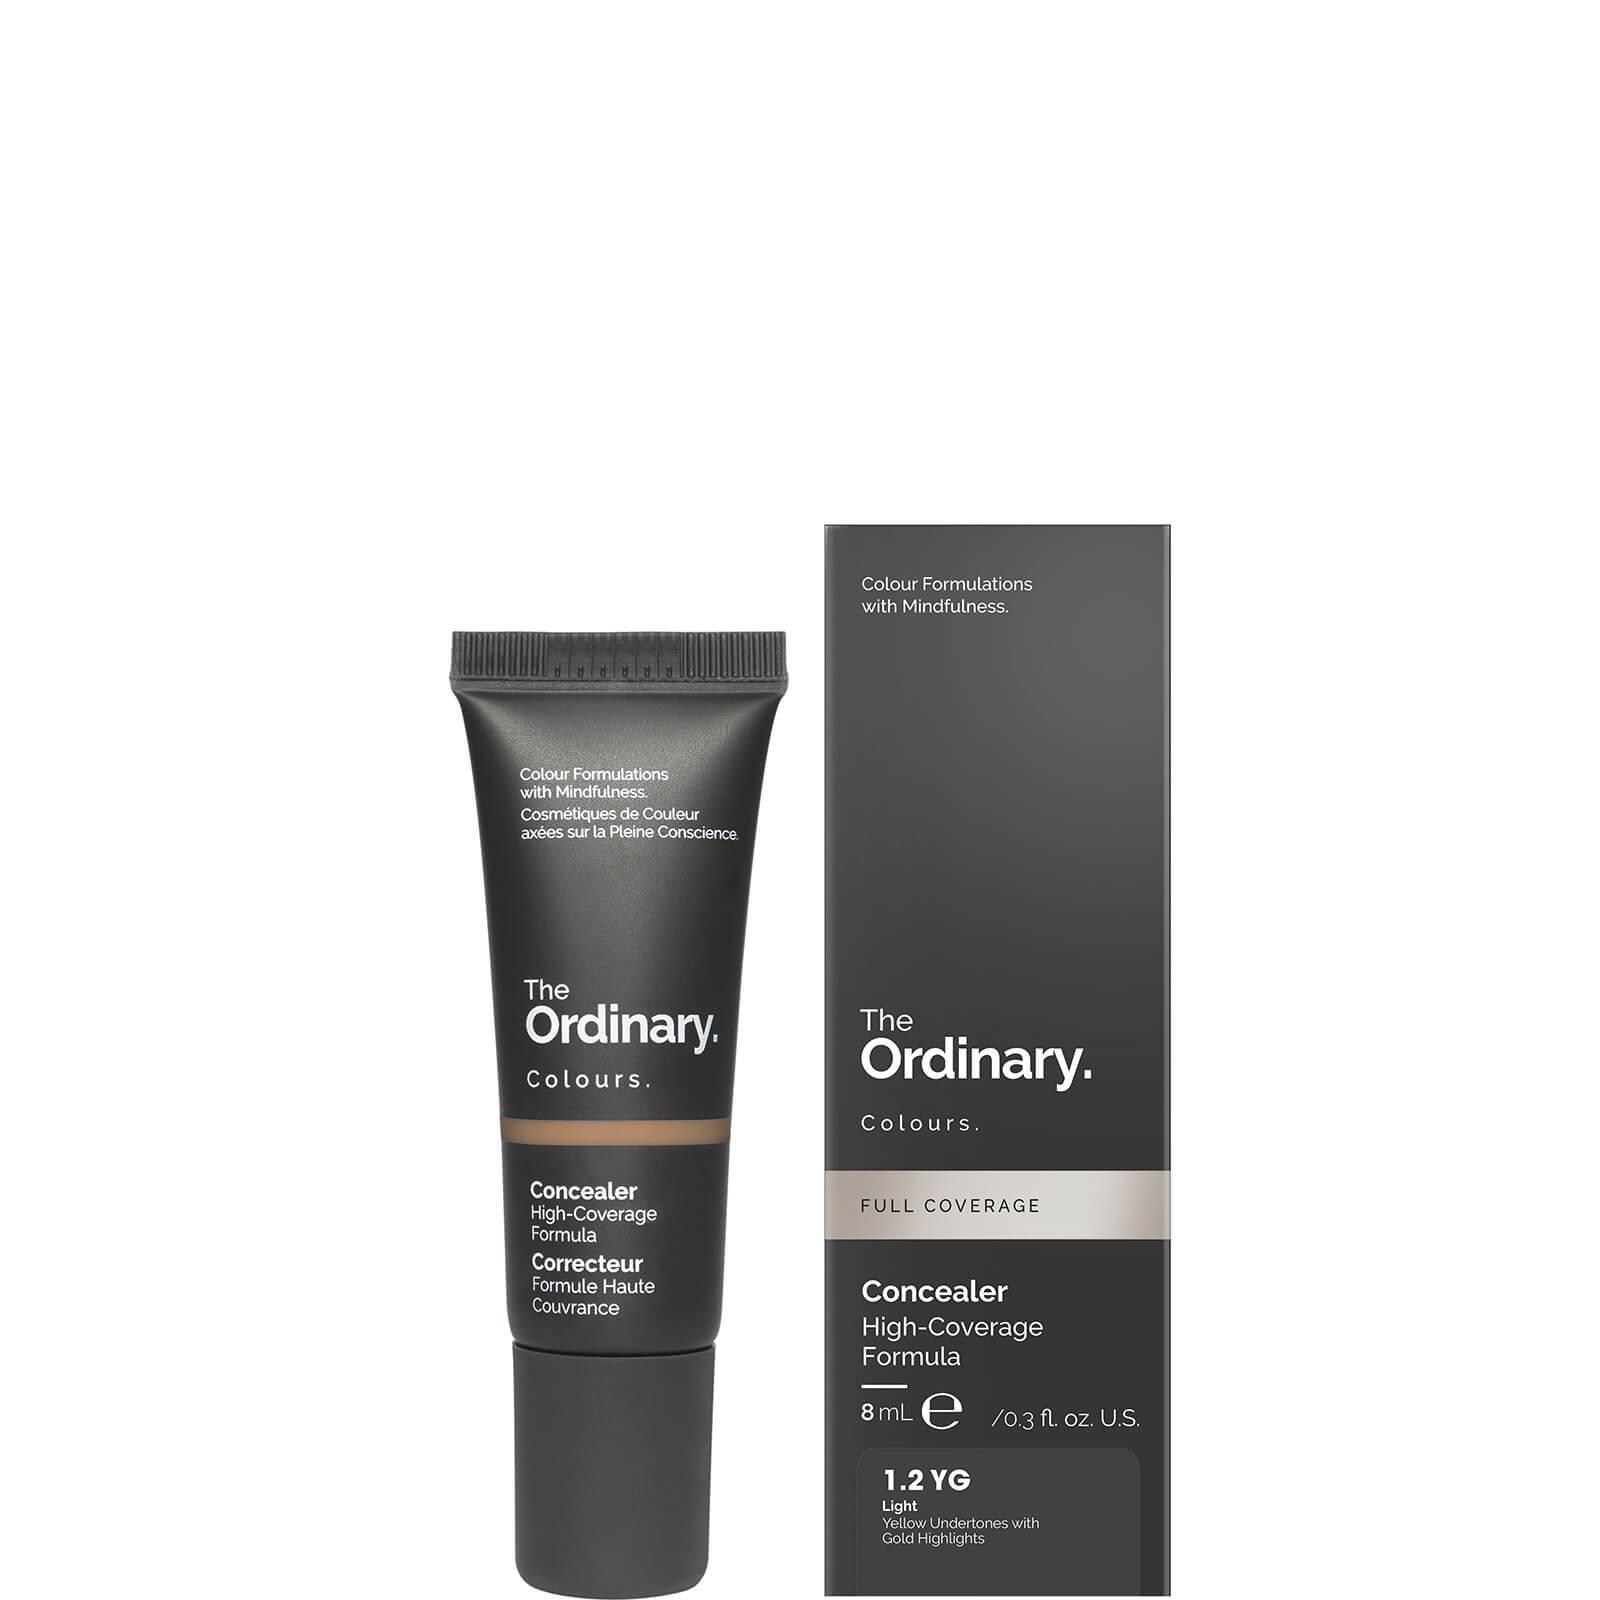 Купить The Ordinary Concealer - 1.2 Yg 8ml